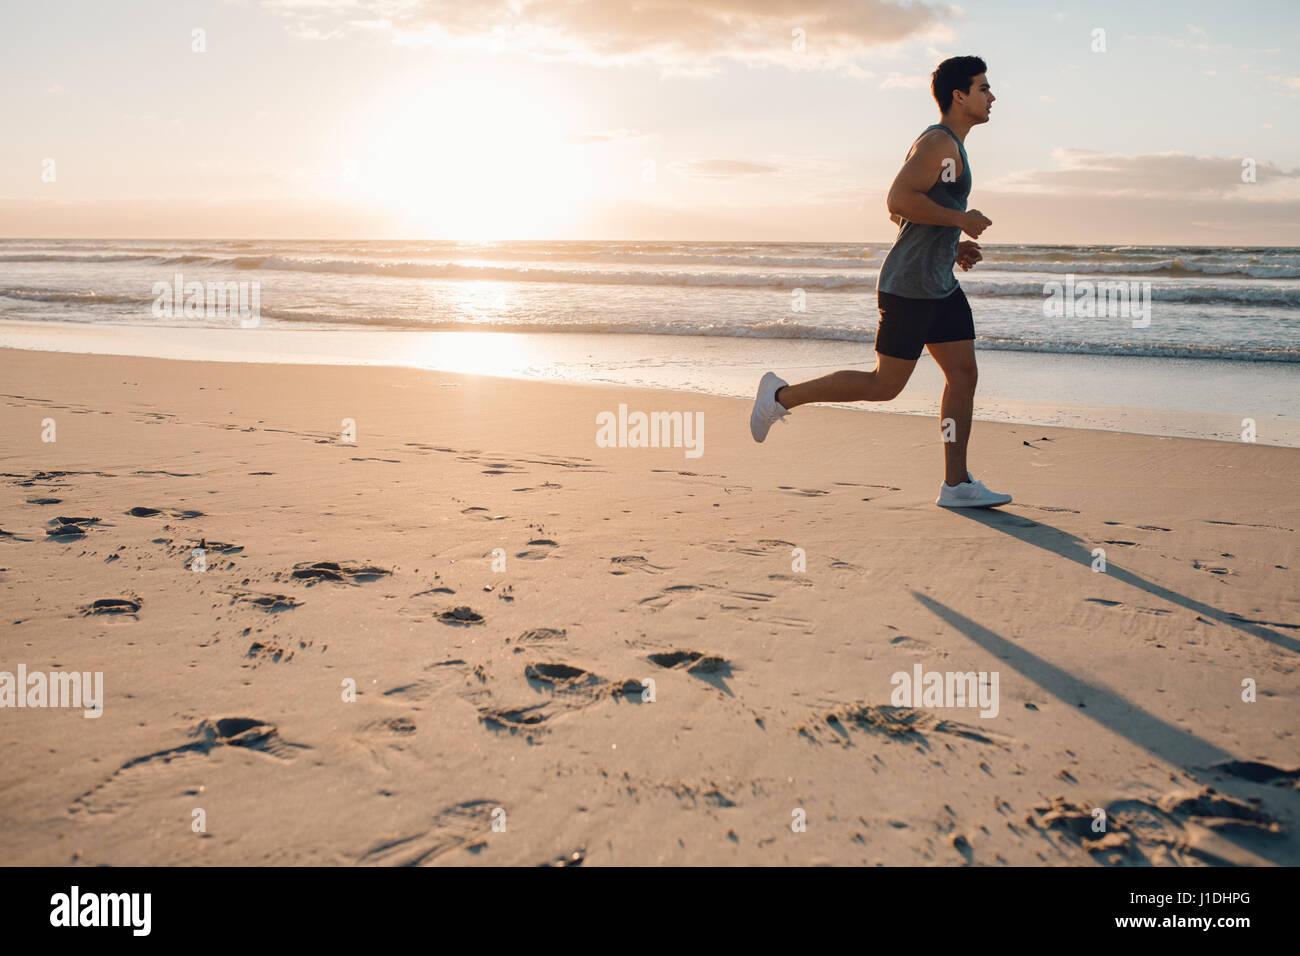 Richtungskontrolle Ansicht Fit jungen Mannes Morgen am Strand laufen. Gesunden männlichen Modell Joggen am Stockbild